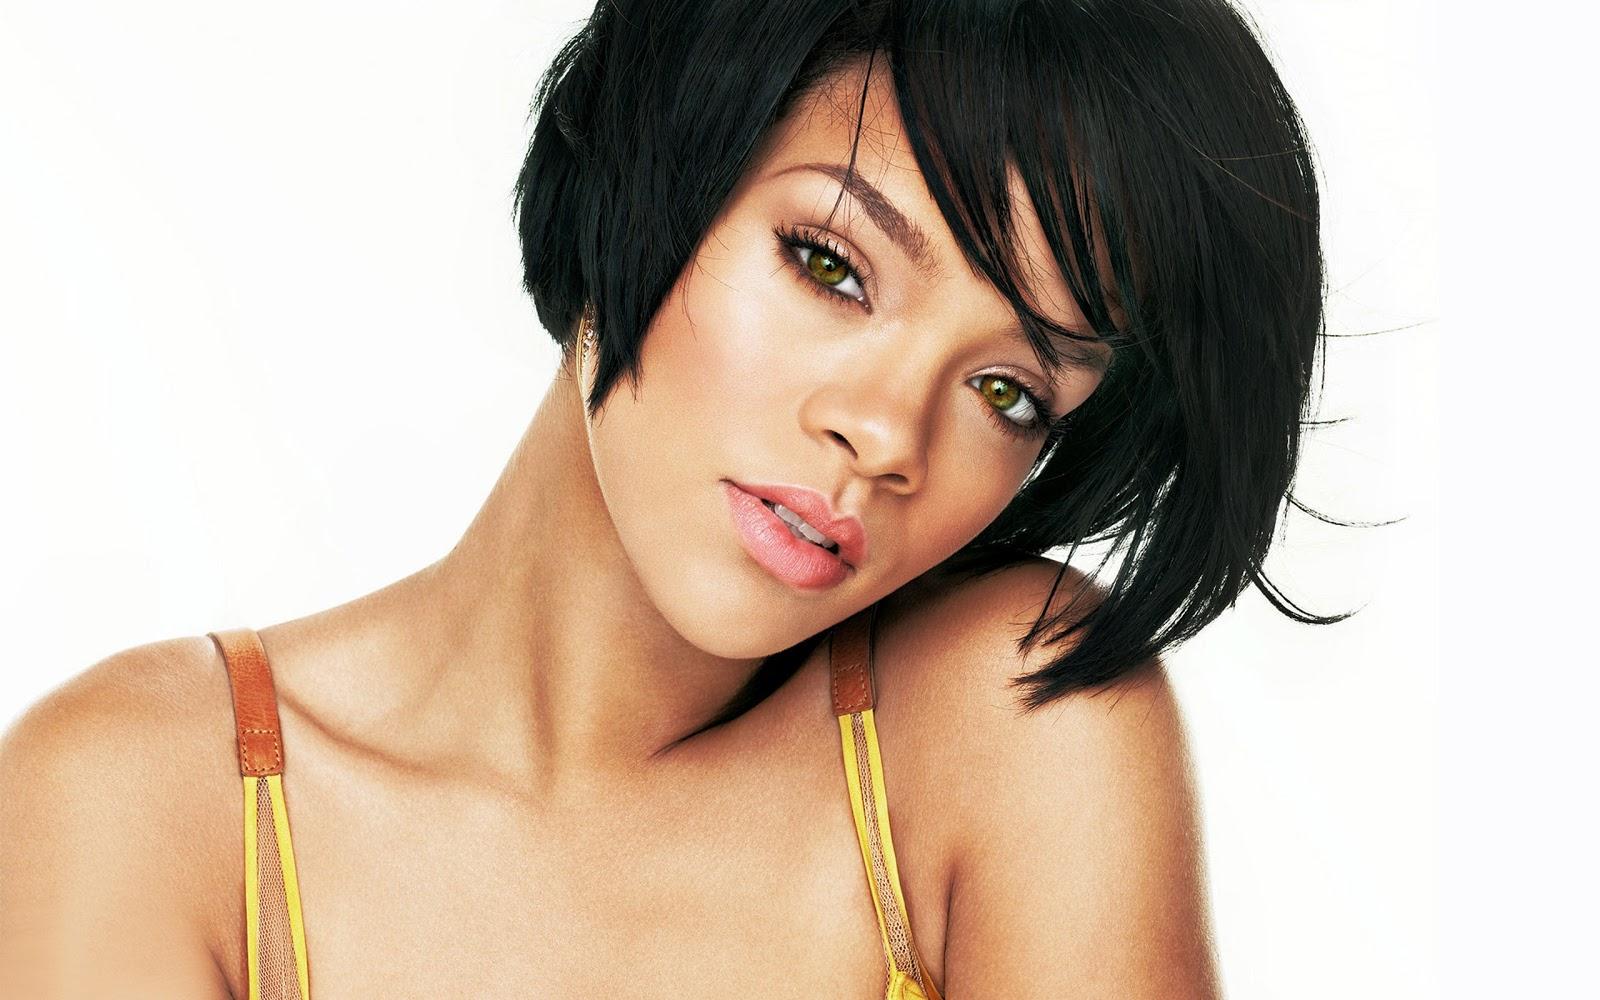 http://1.bp.blogspot.com/-l6adv5d6tVw/UNxB5j-Ad2I/AAAAAAAAEgs/RWVnyuqErwY/s1600/Rihanna+Hot++HD+Wallpaper++(16).jpg